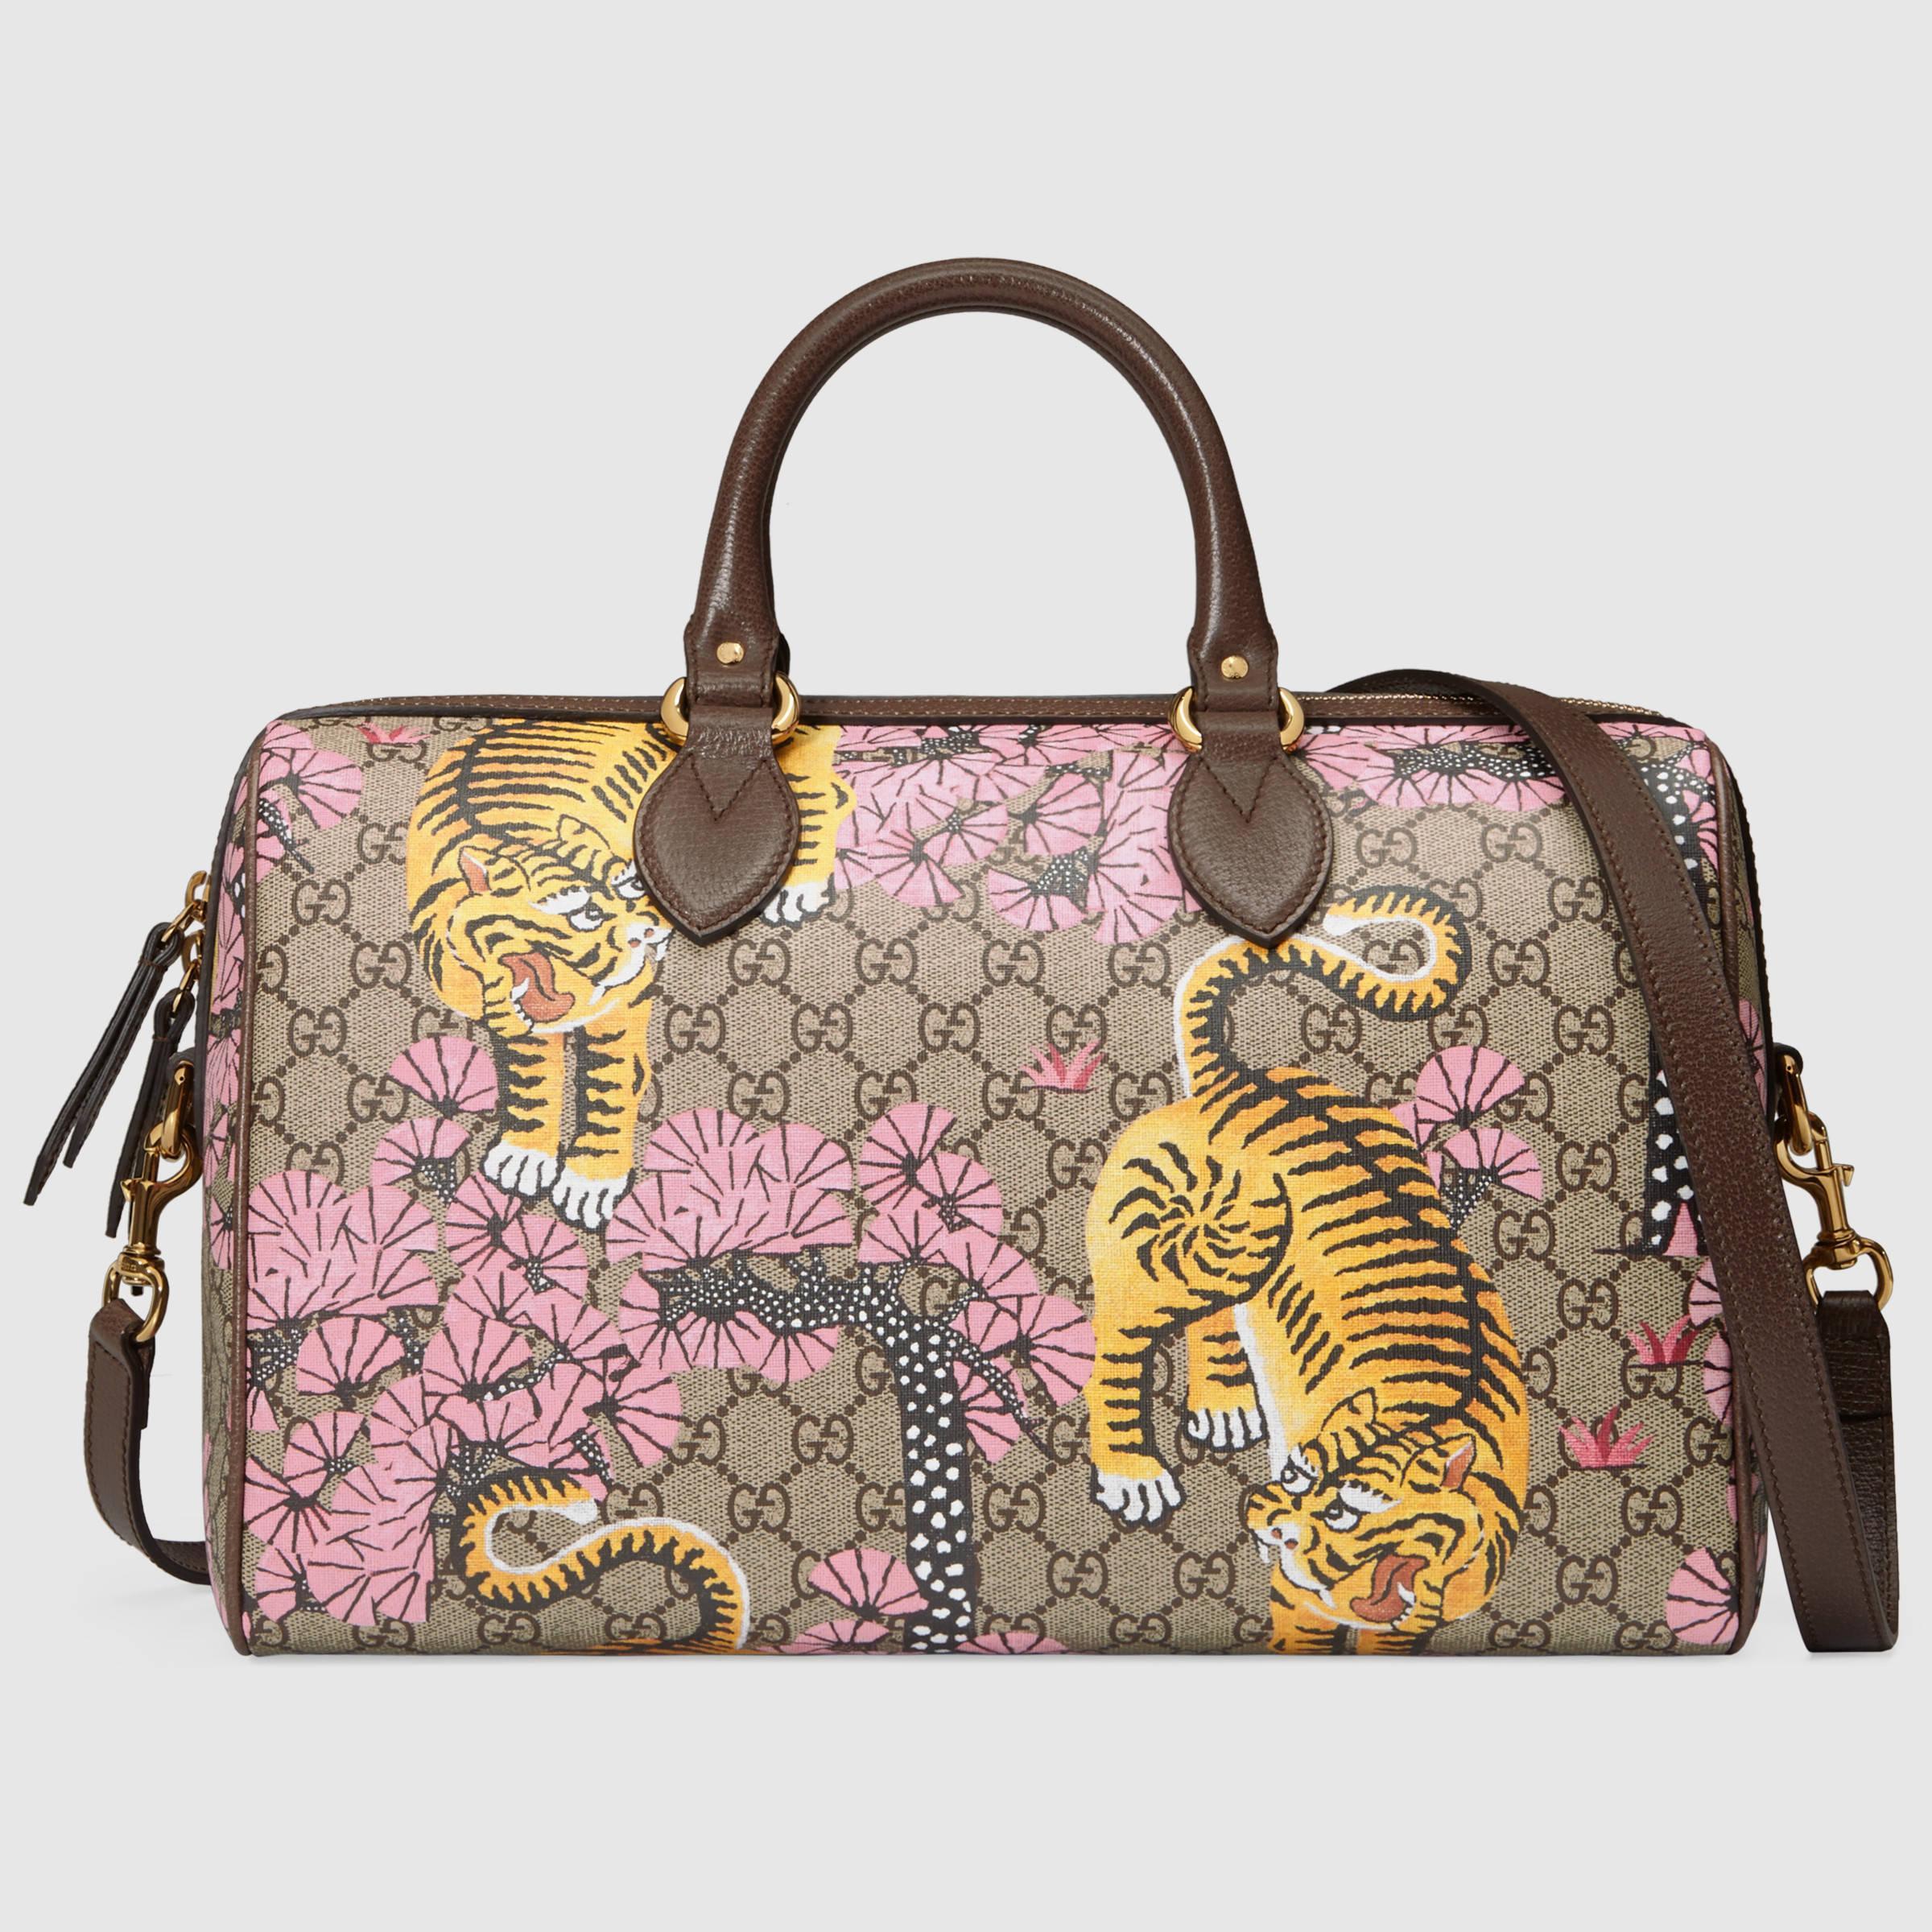 0a5740b7d30 Lyst - Gucci Bengal Top Handle Bag